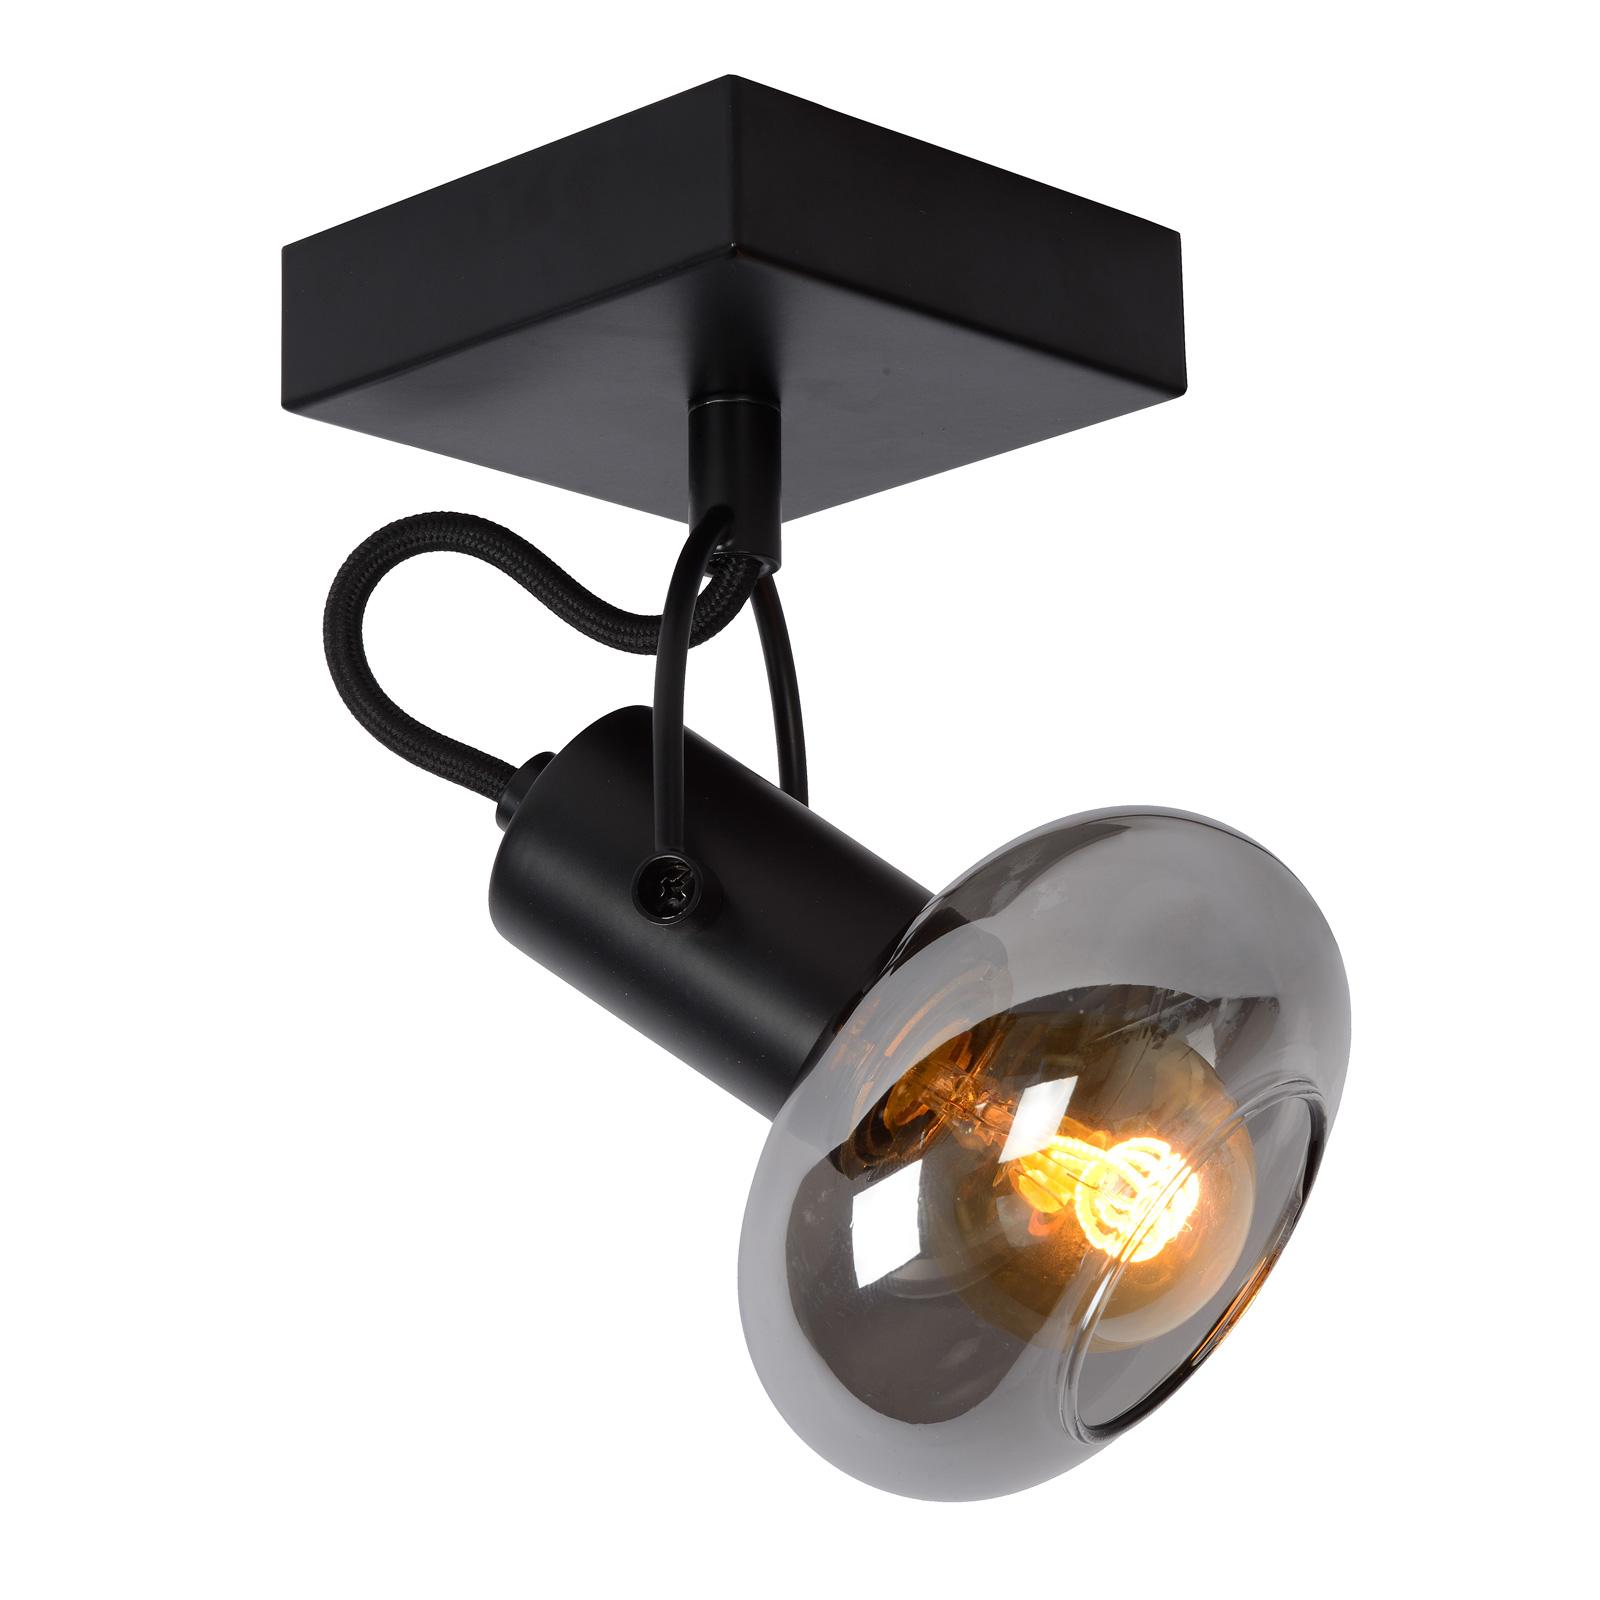 Faretto soffitto Madee nero/fumè, 1 luce